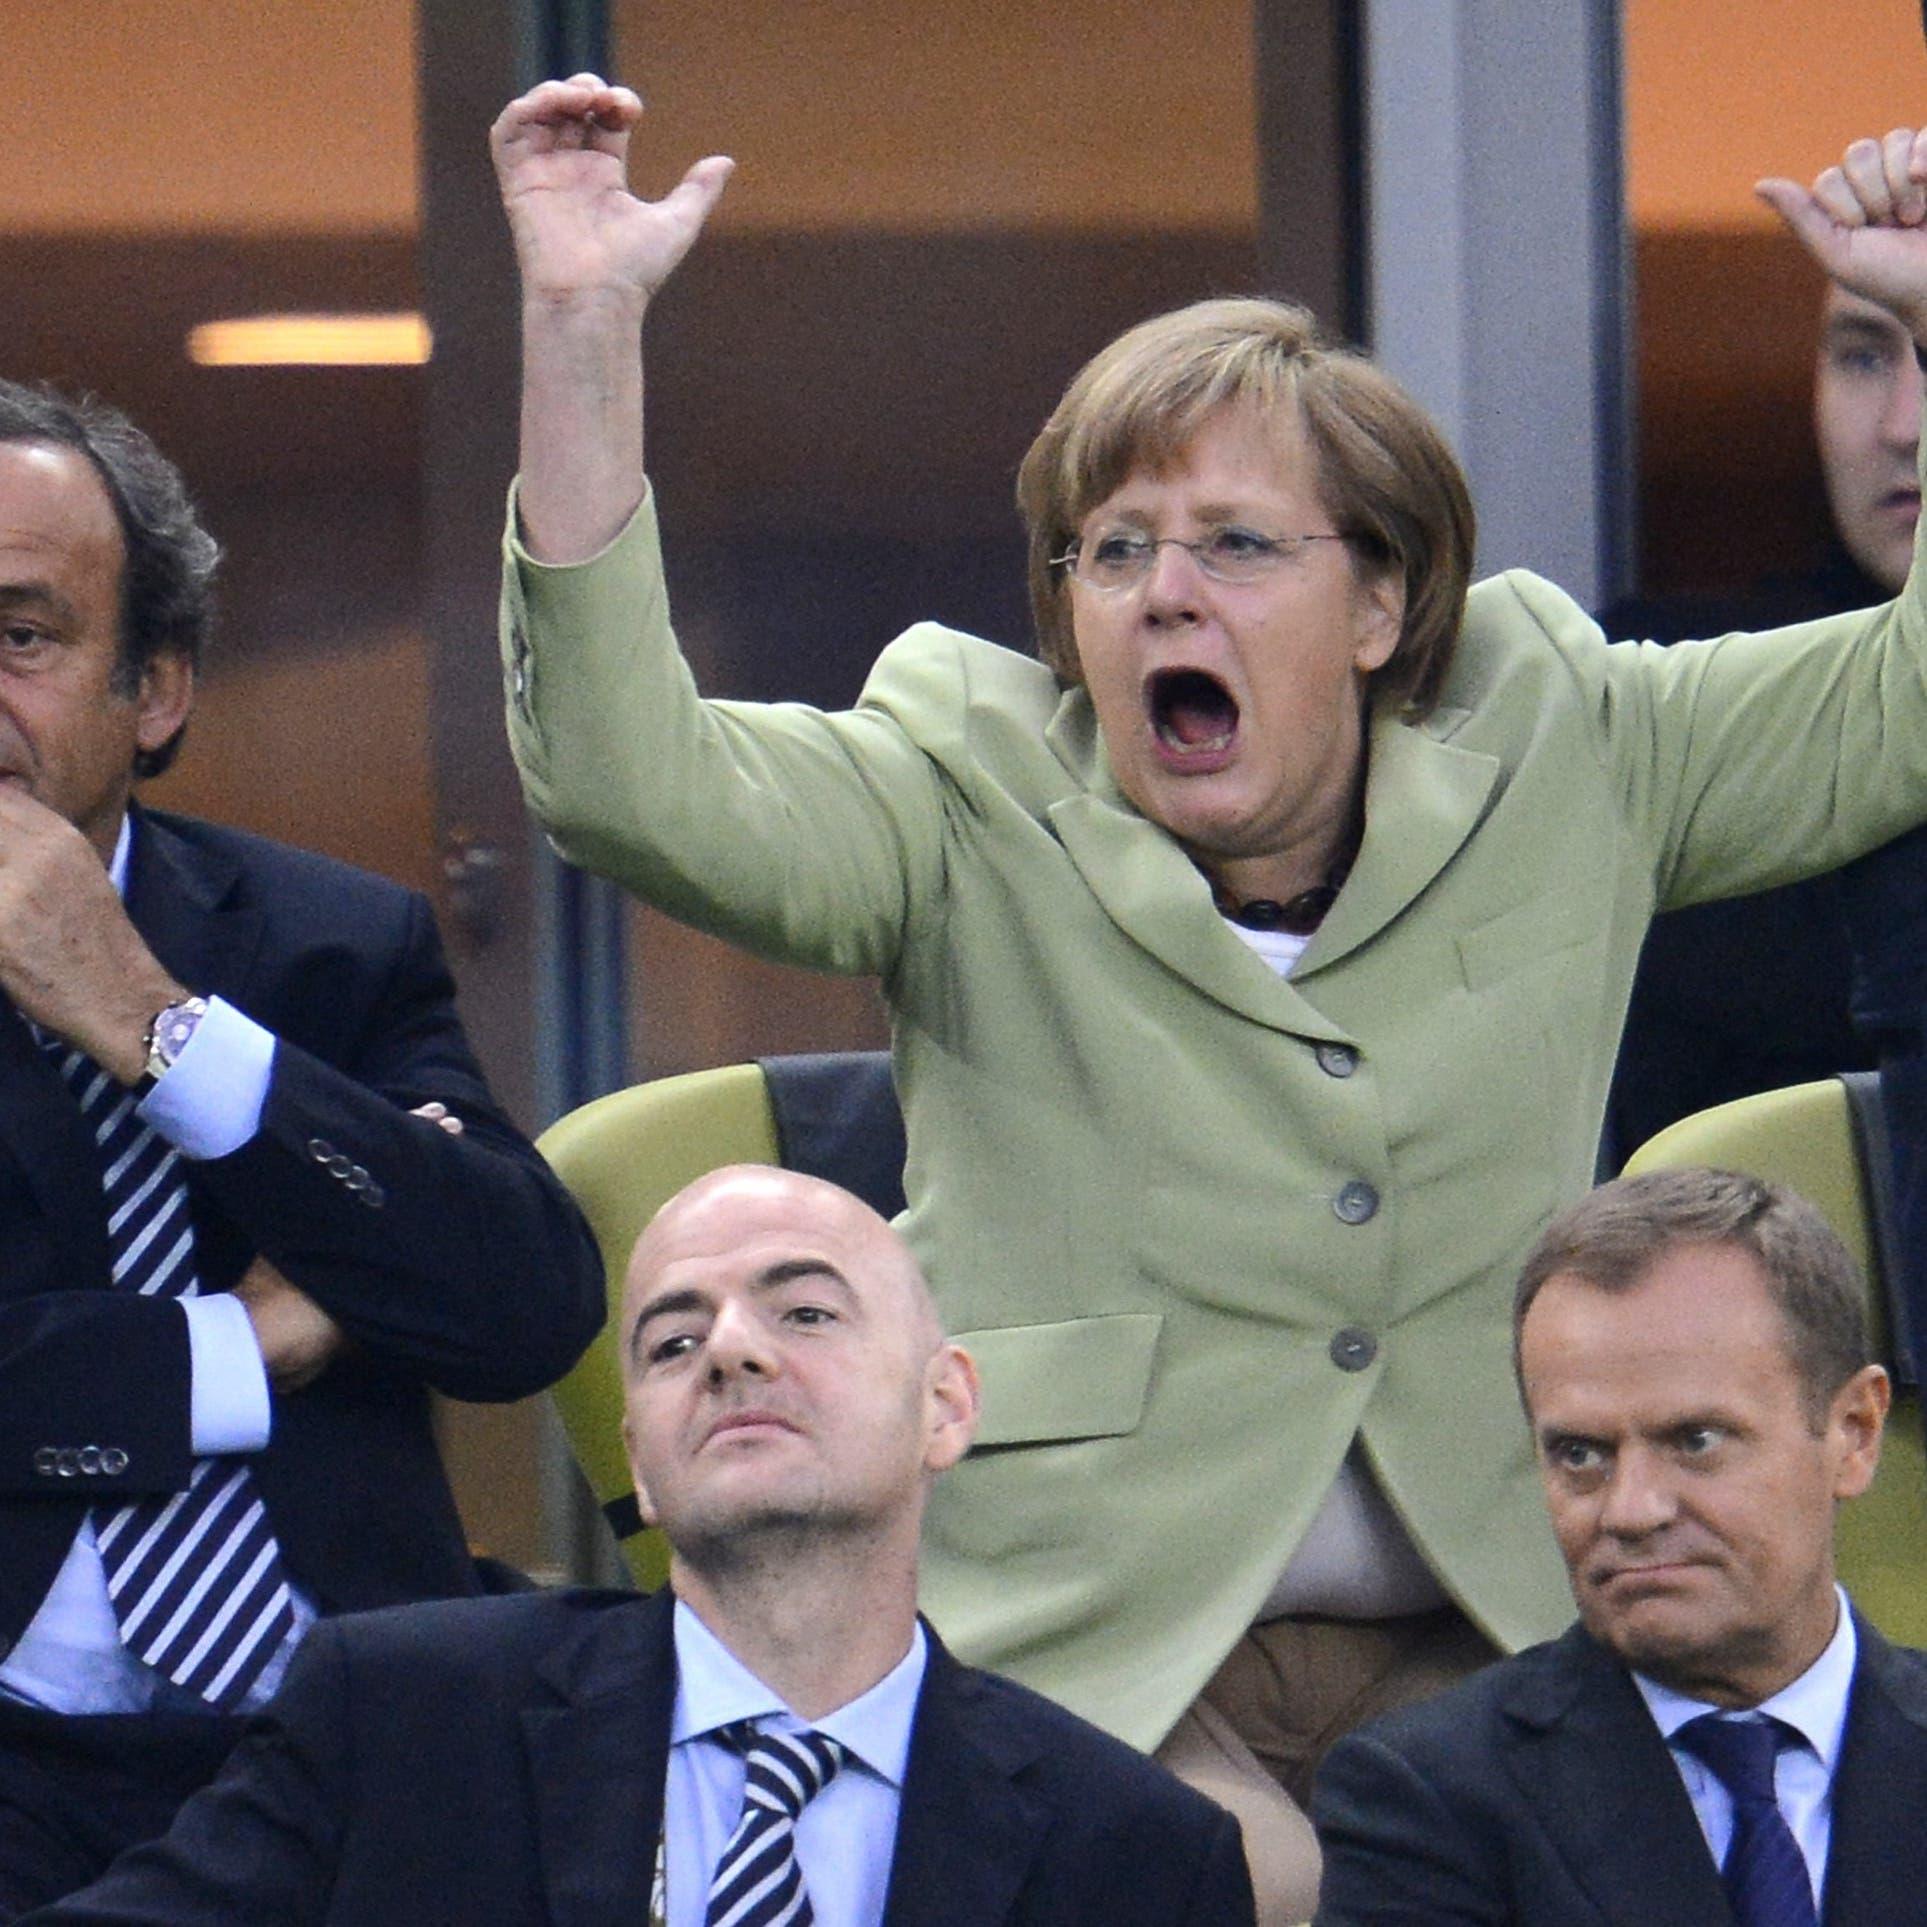 تصدرت المشهد لـ16 عاما.. تعرف على سيدة ألمانيا الحديدية